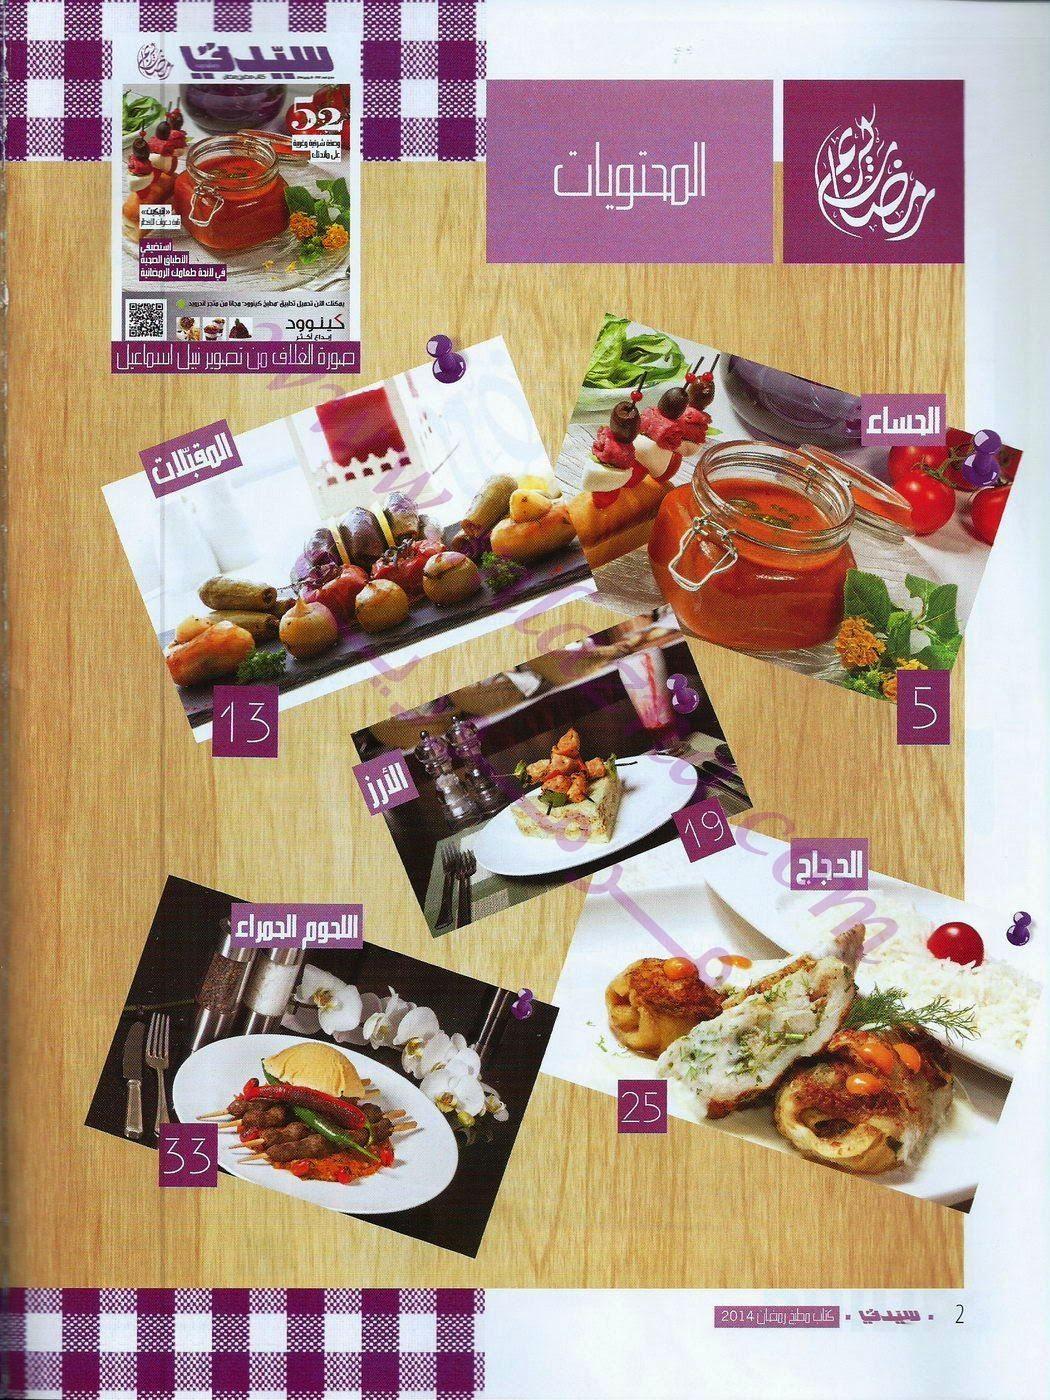 مجلة وصفات رمضان ( سيدتي ) - مجلة رائعة 2014 admin1727571617.jpg